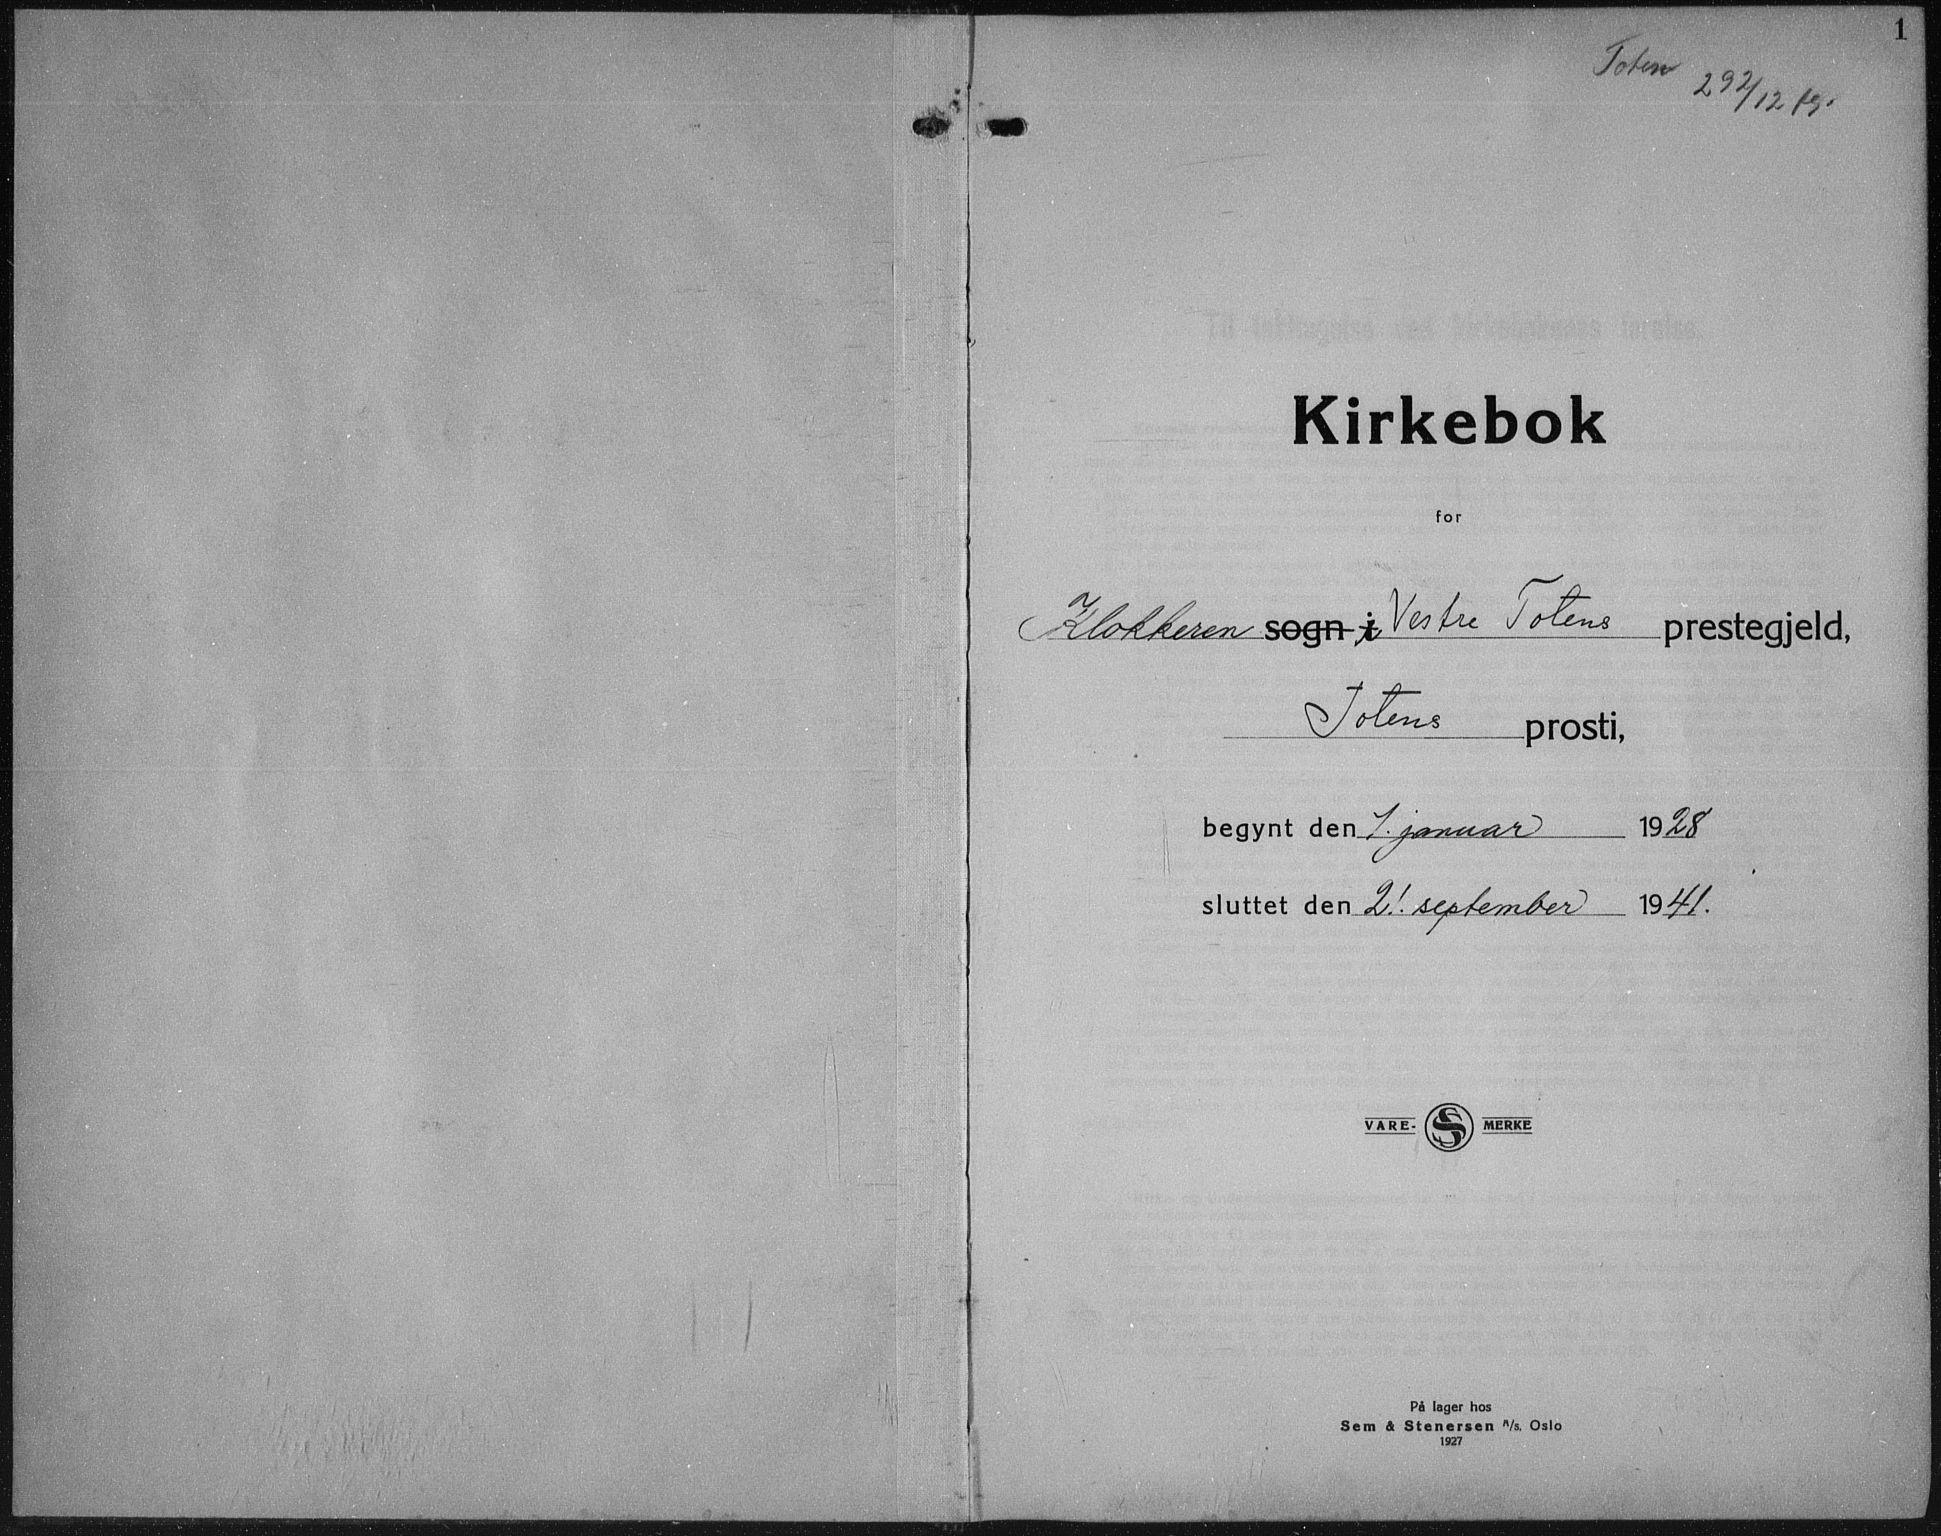 SAH, Vestre Toten prestekontor, H/Ha/Hab/L0018: Klokkerbok nr. 18, 1928-1941, s. 1